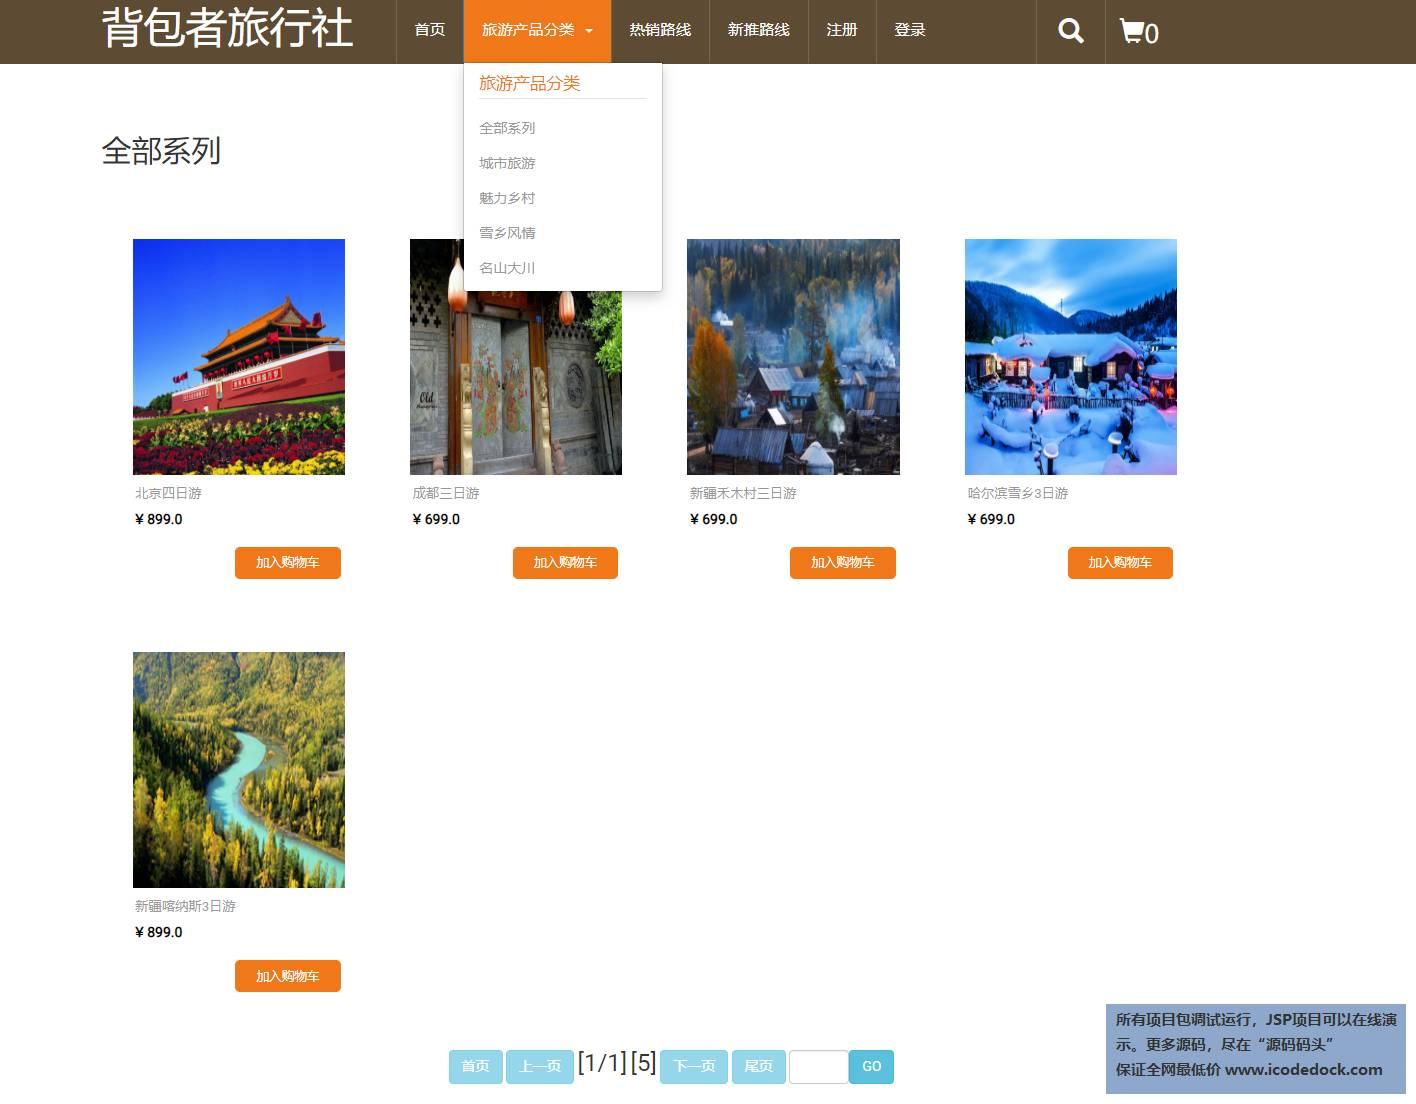 源码码头-JSP旅游产品销售管理系统-用户角色-产品分类